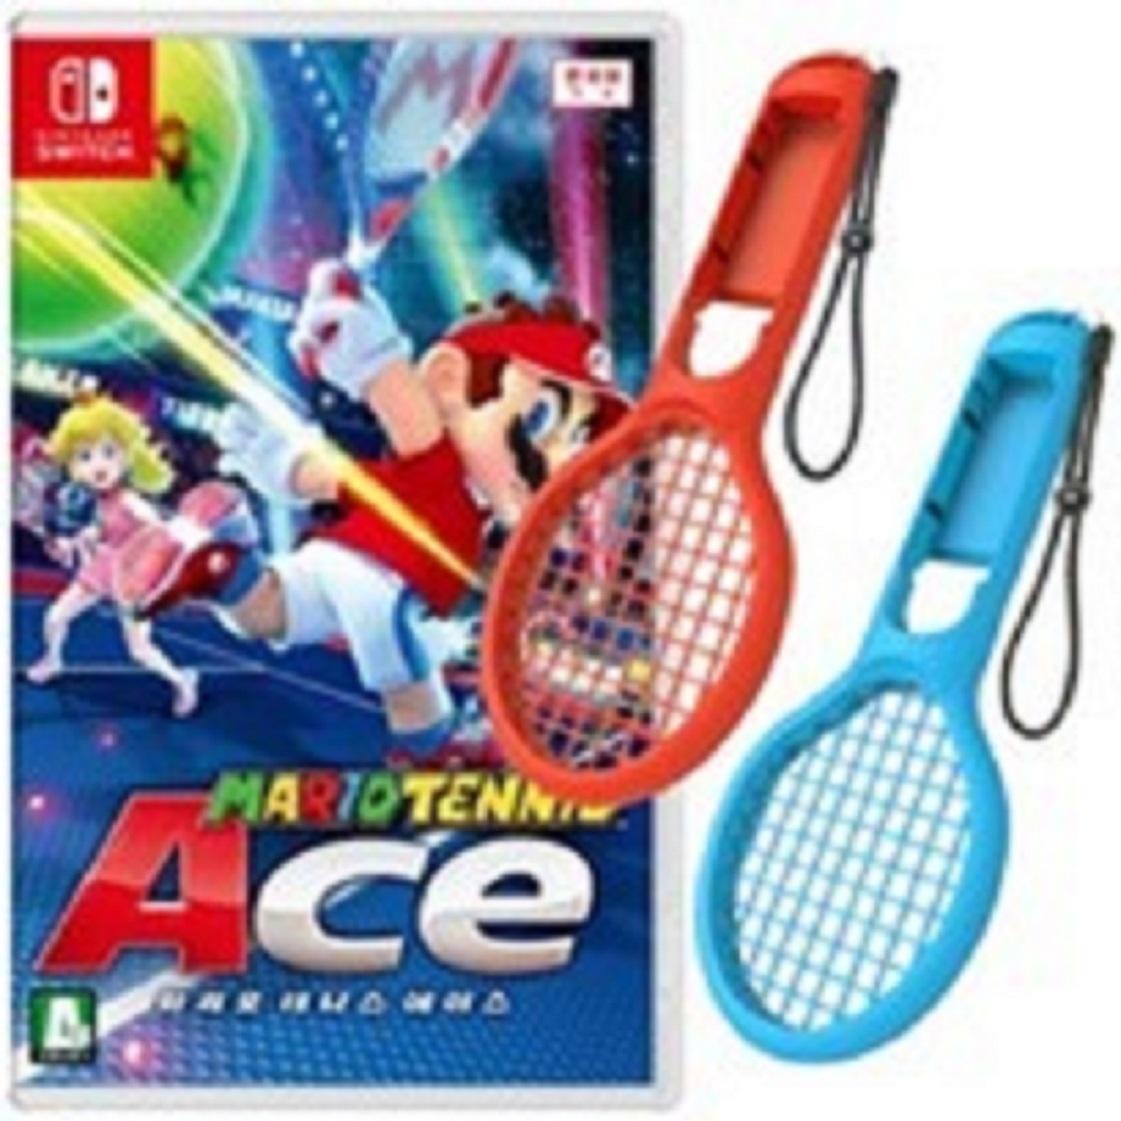 닌텐도 스위치 마리오 테니스 에이스 + 라켓 2개 포함 새제품-4-2111201789